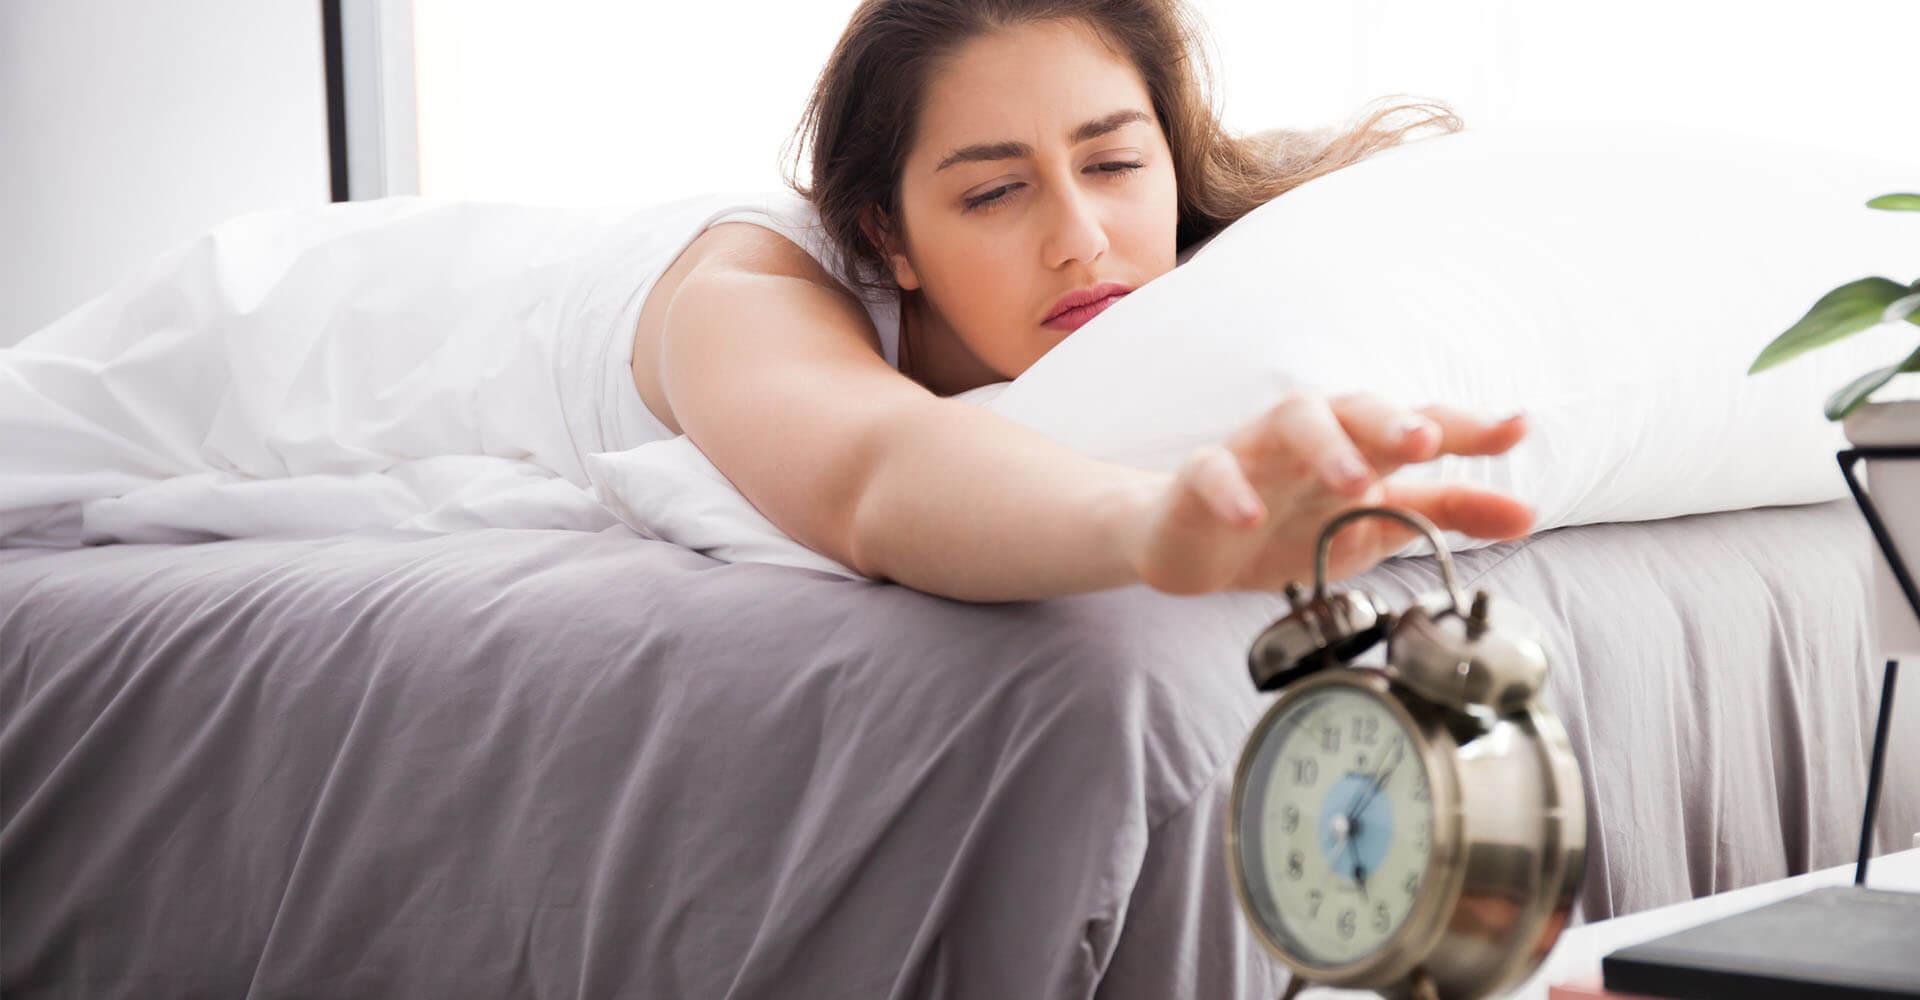 Frau liegt im Bett und greift nach Wecker